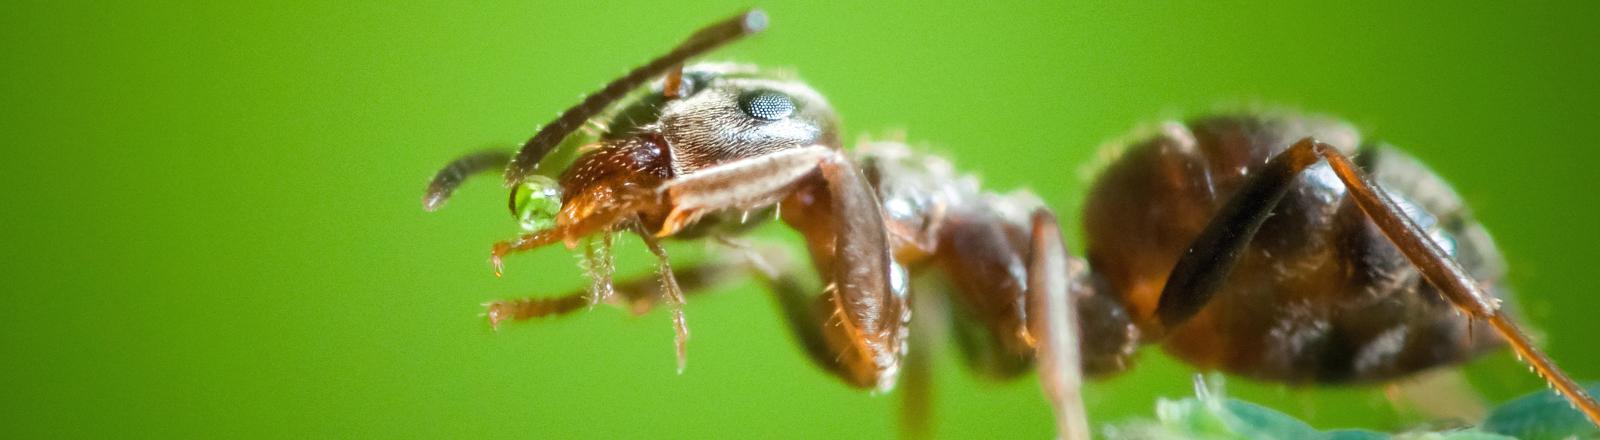 Eine Ameise vor grünem Hintergrund.